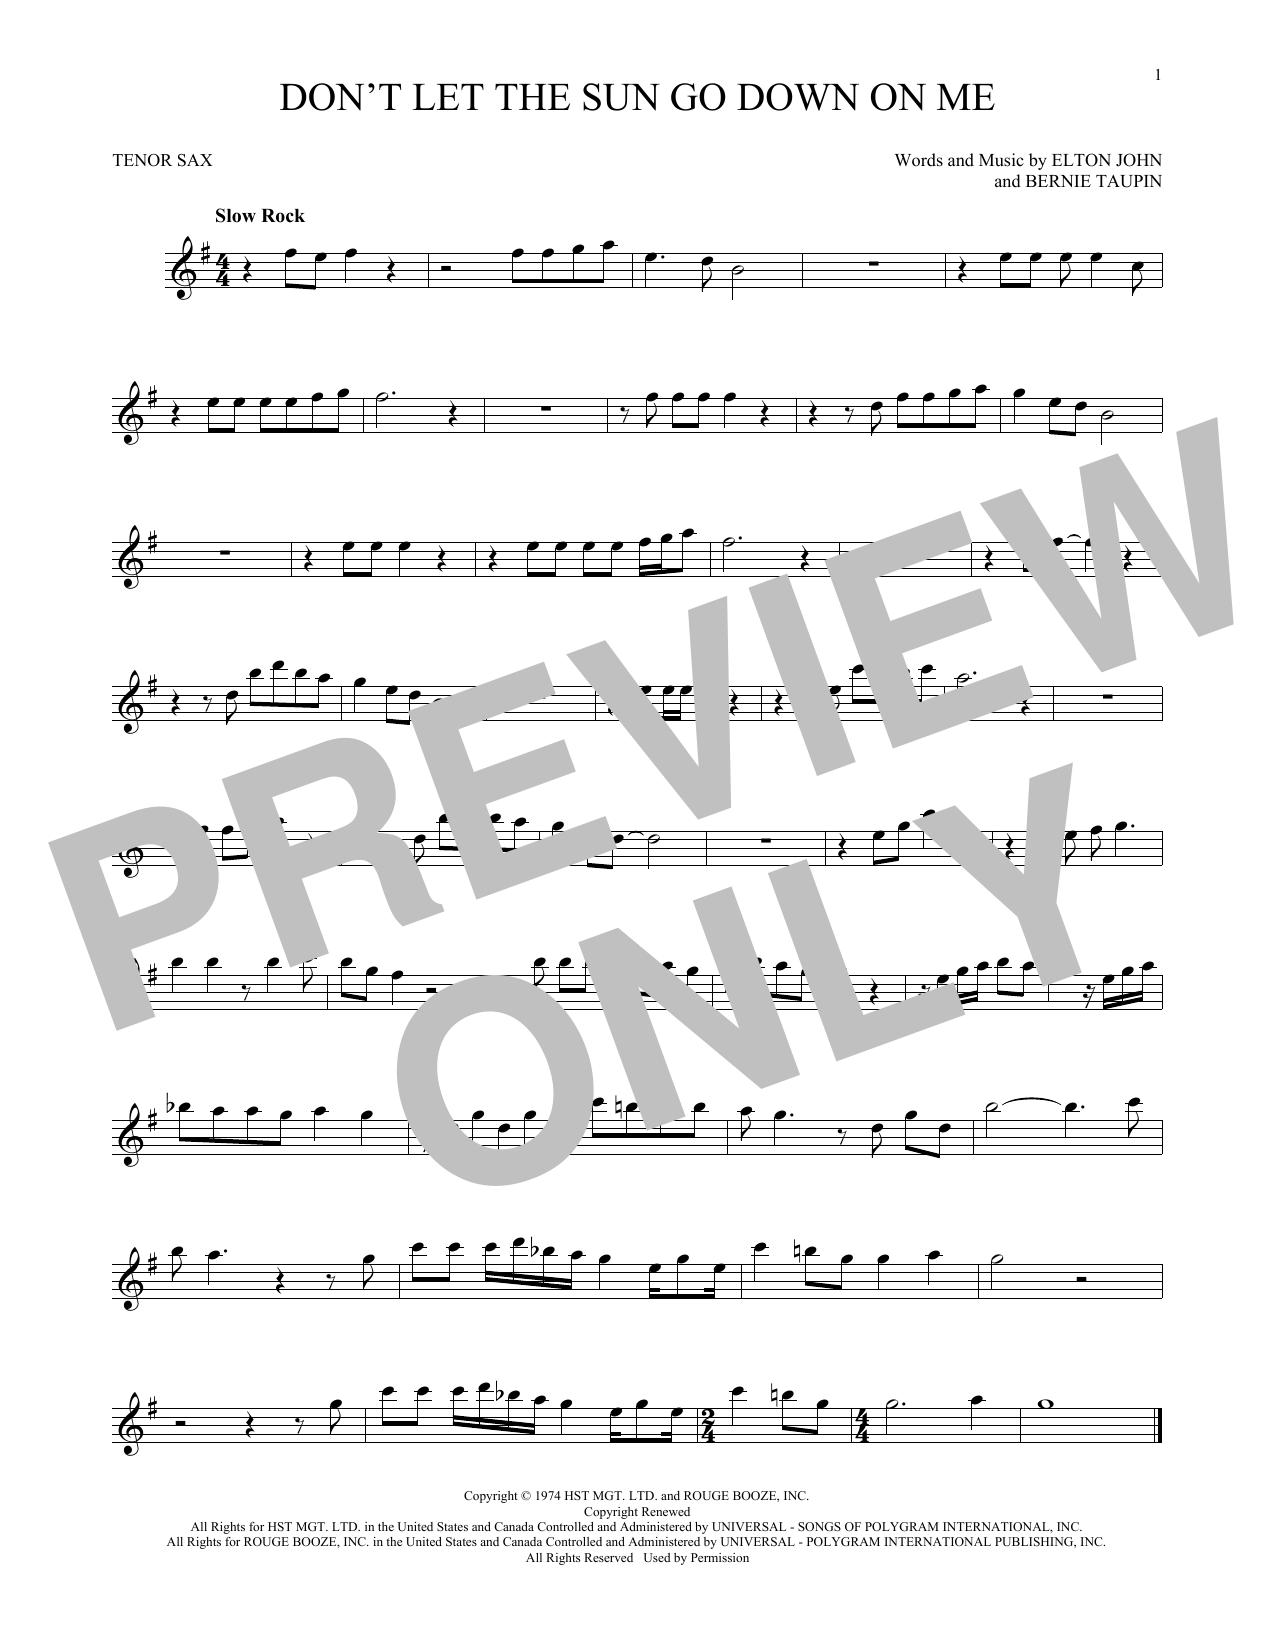 Partition saxophone Don't Let The Sun Go Down On Me de Elton John & George Michael - Sax Tenor